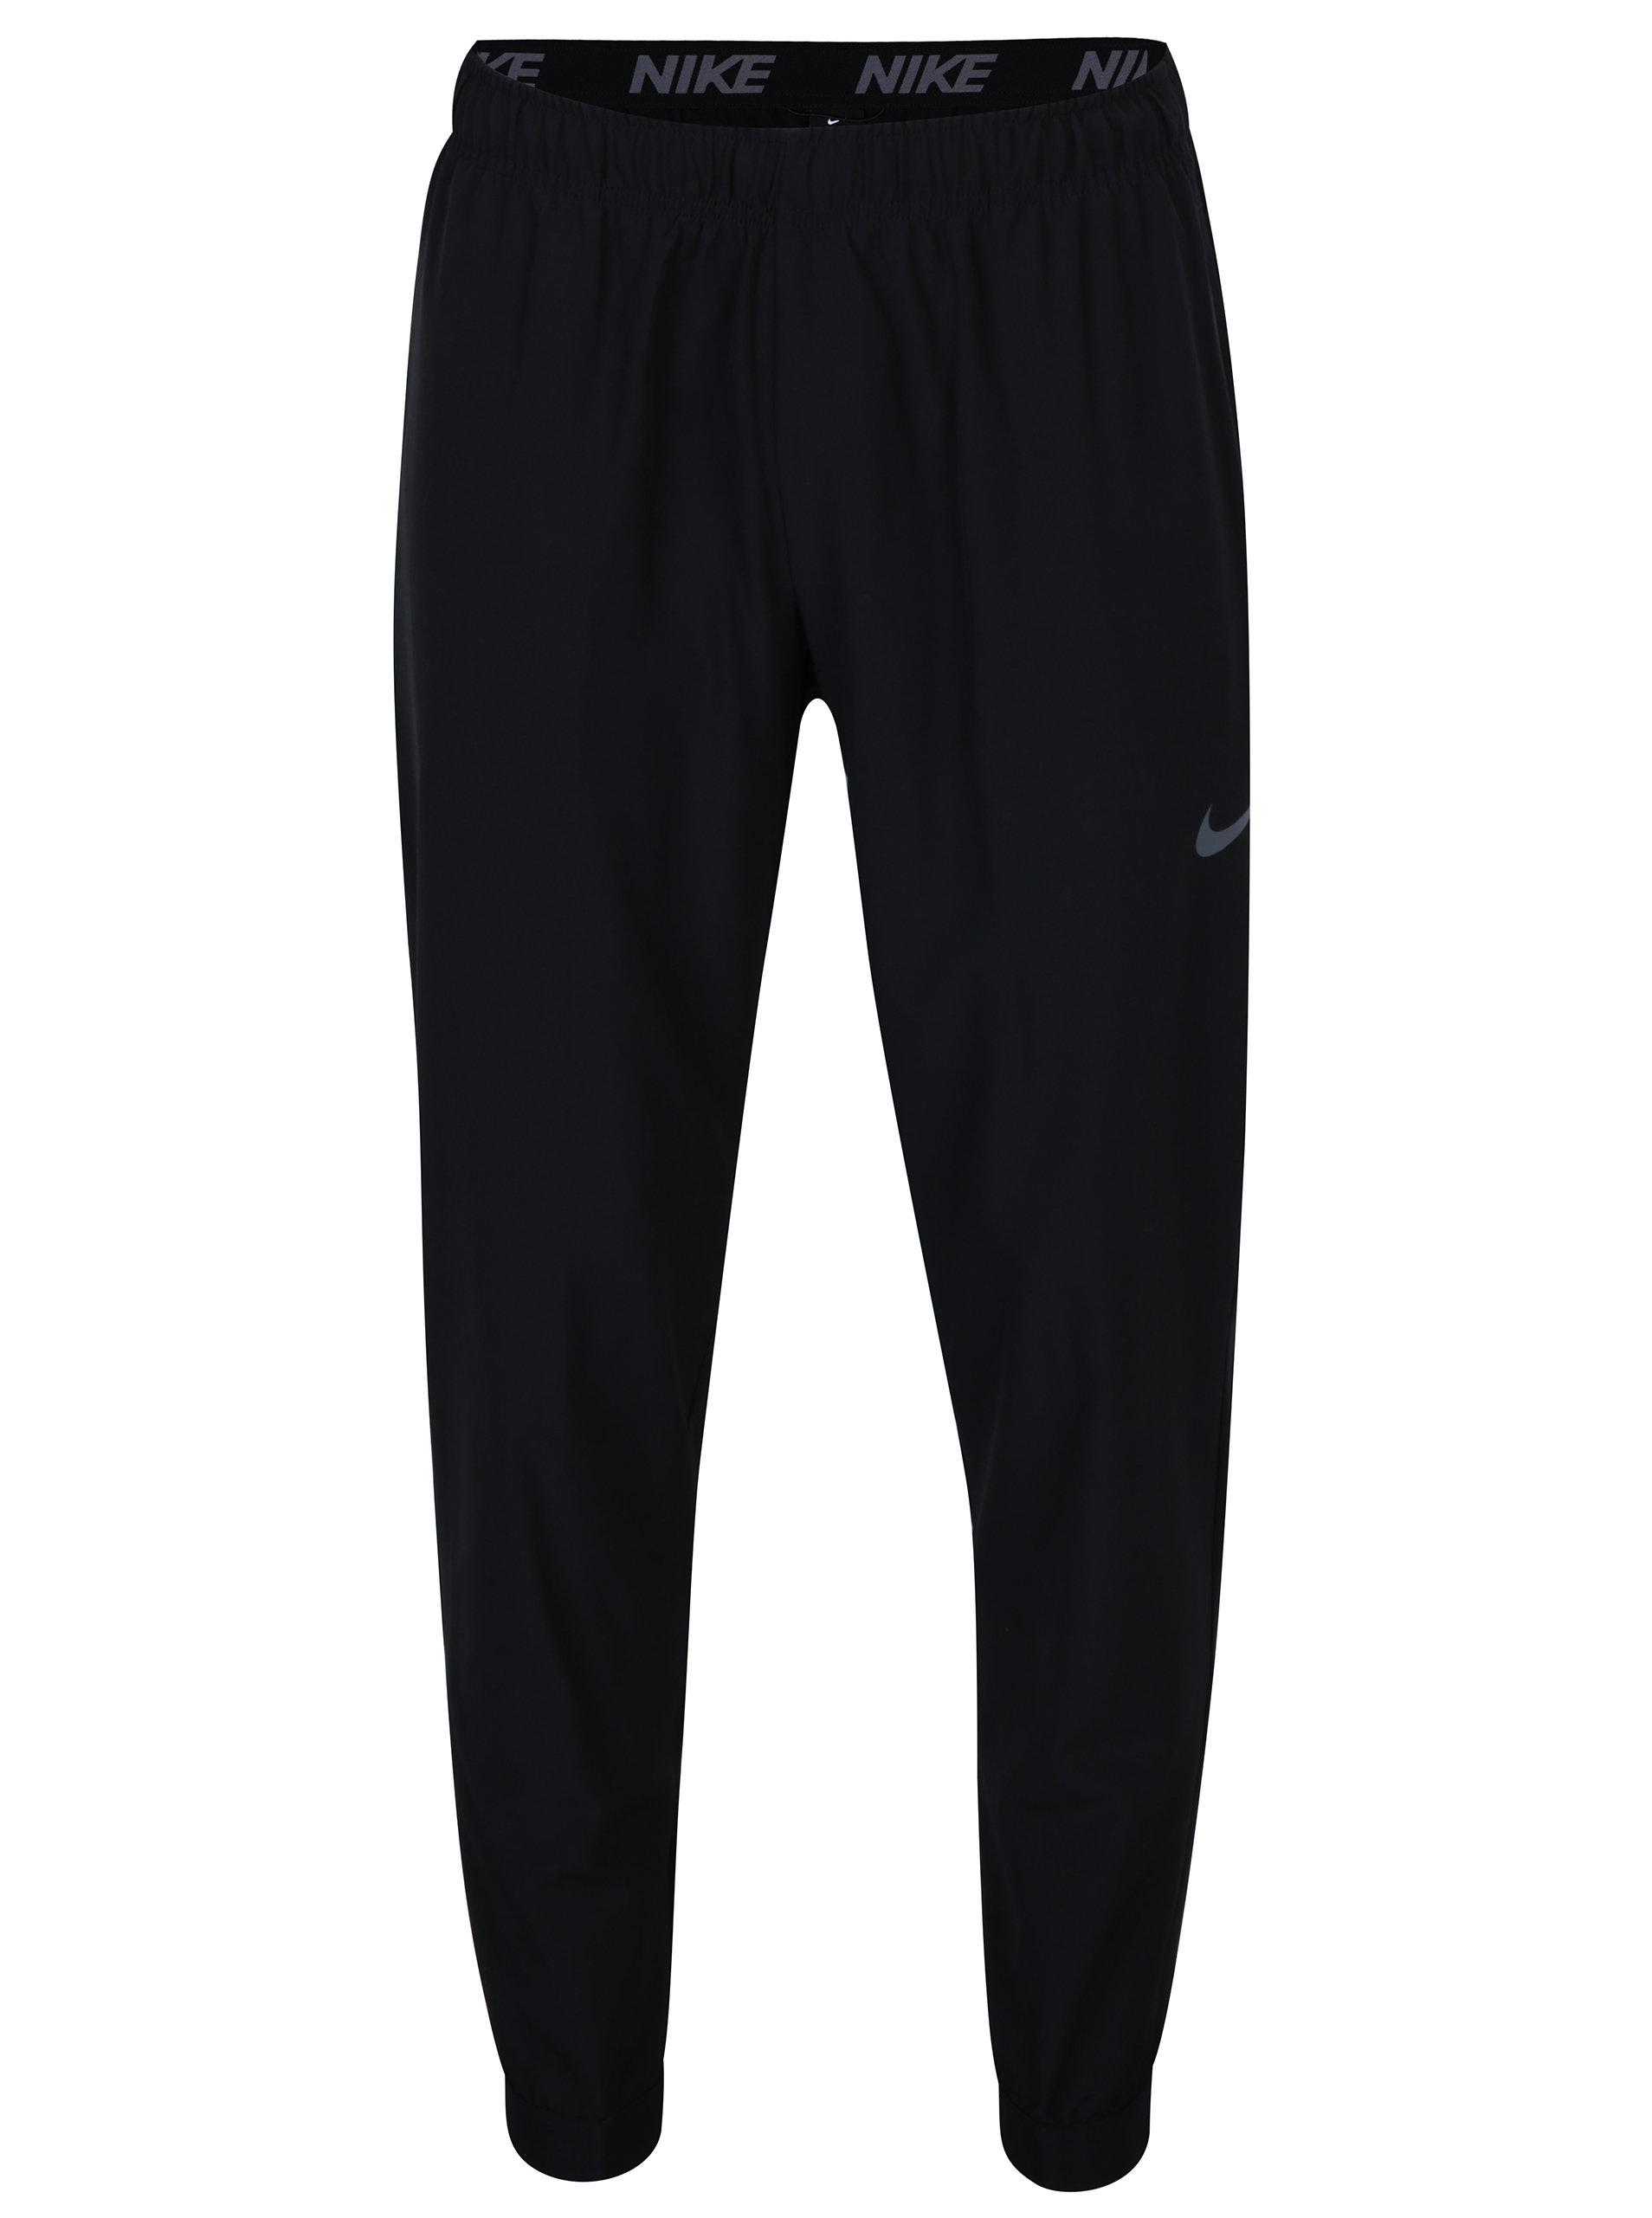 0e75d2d436a Černé pánské tepláky Nike ...